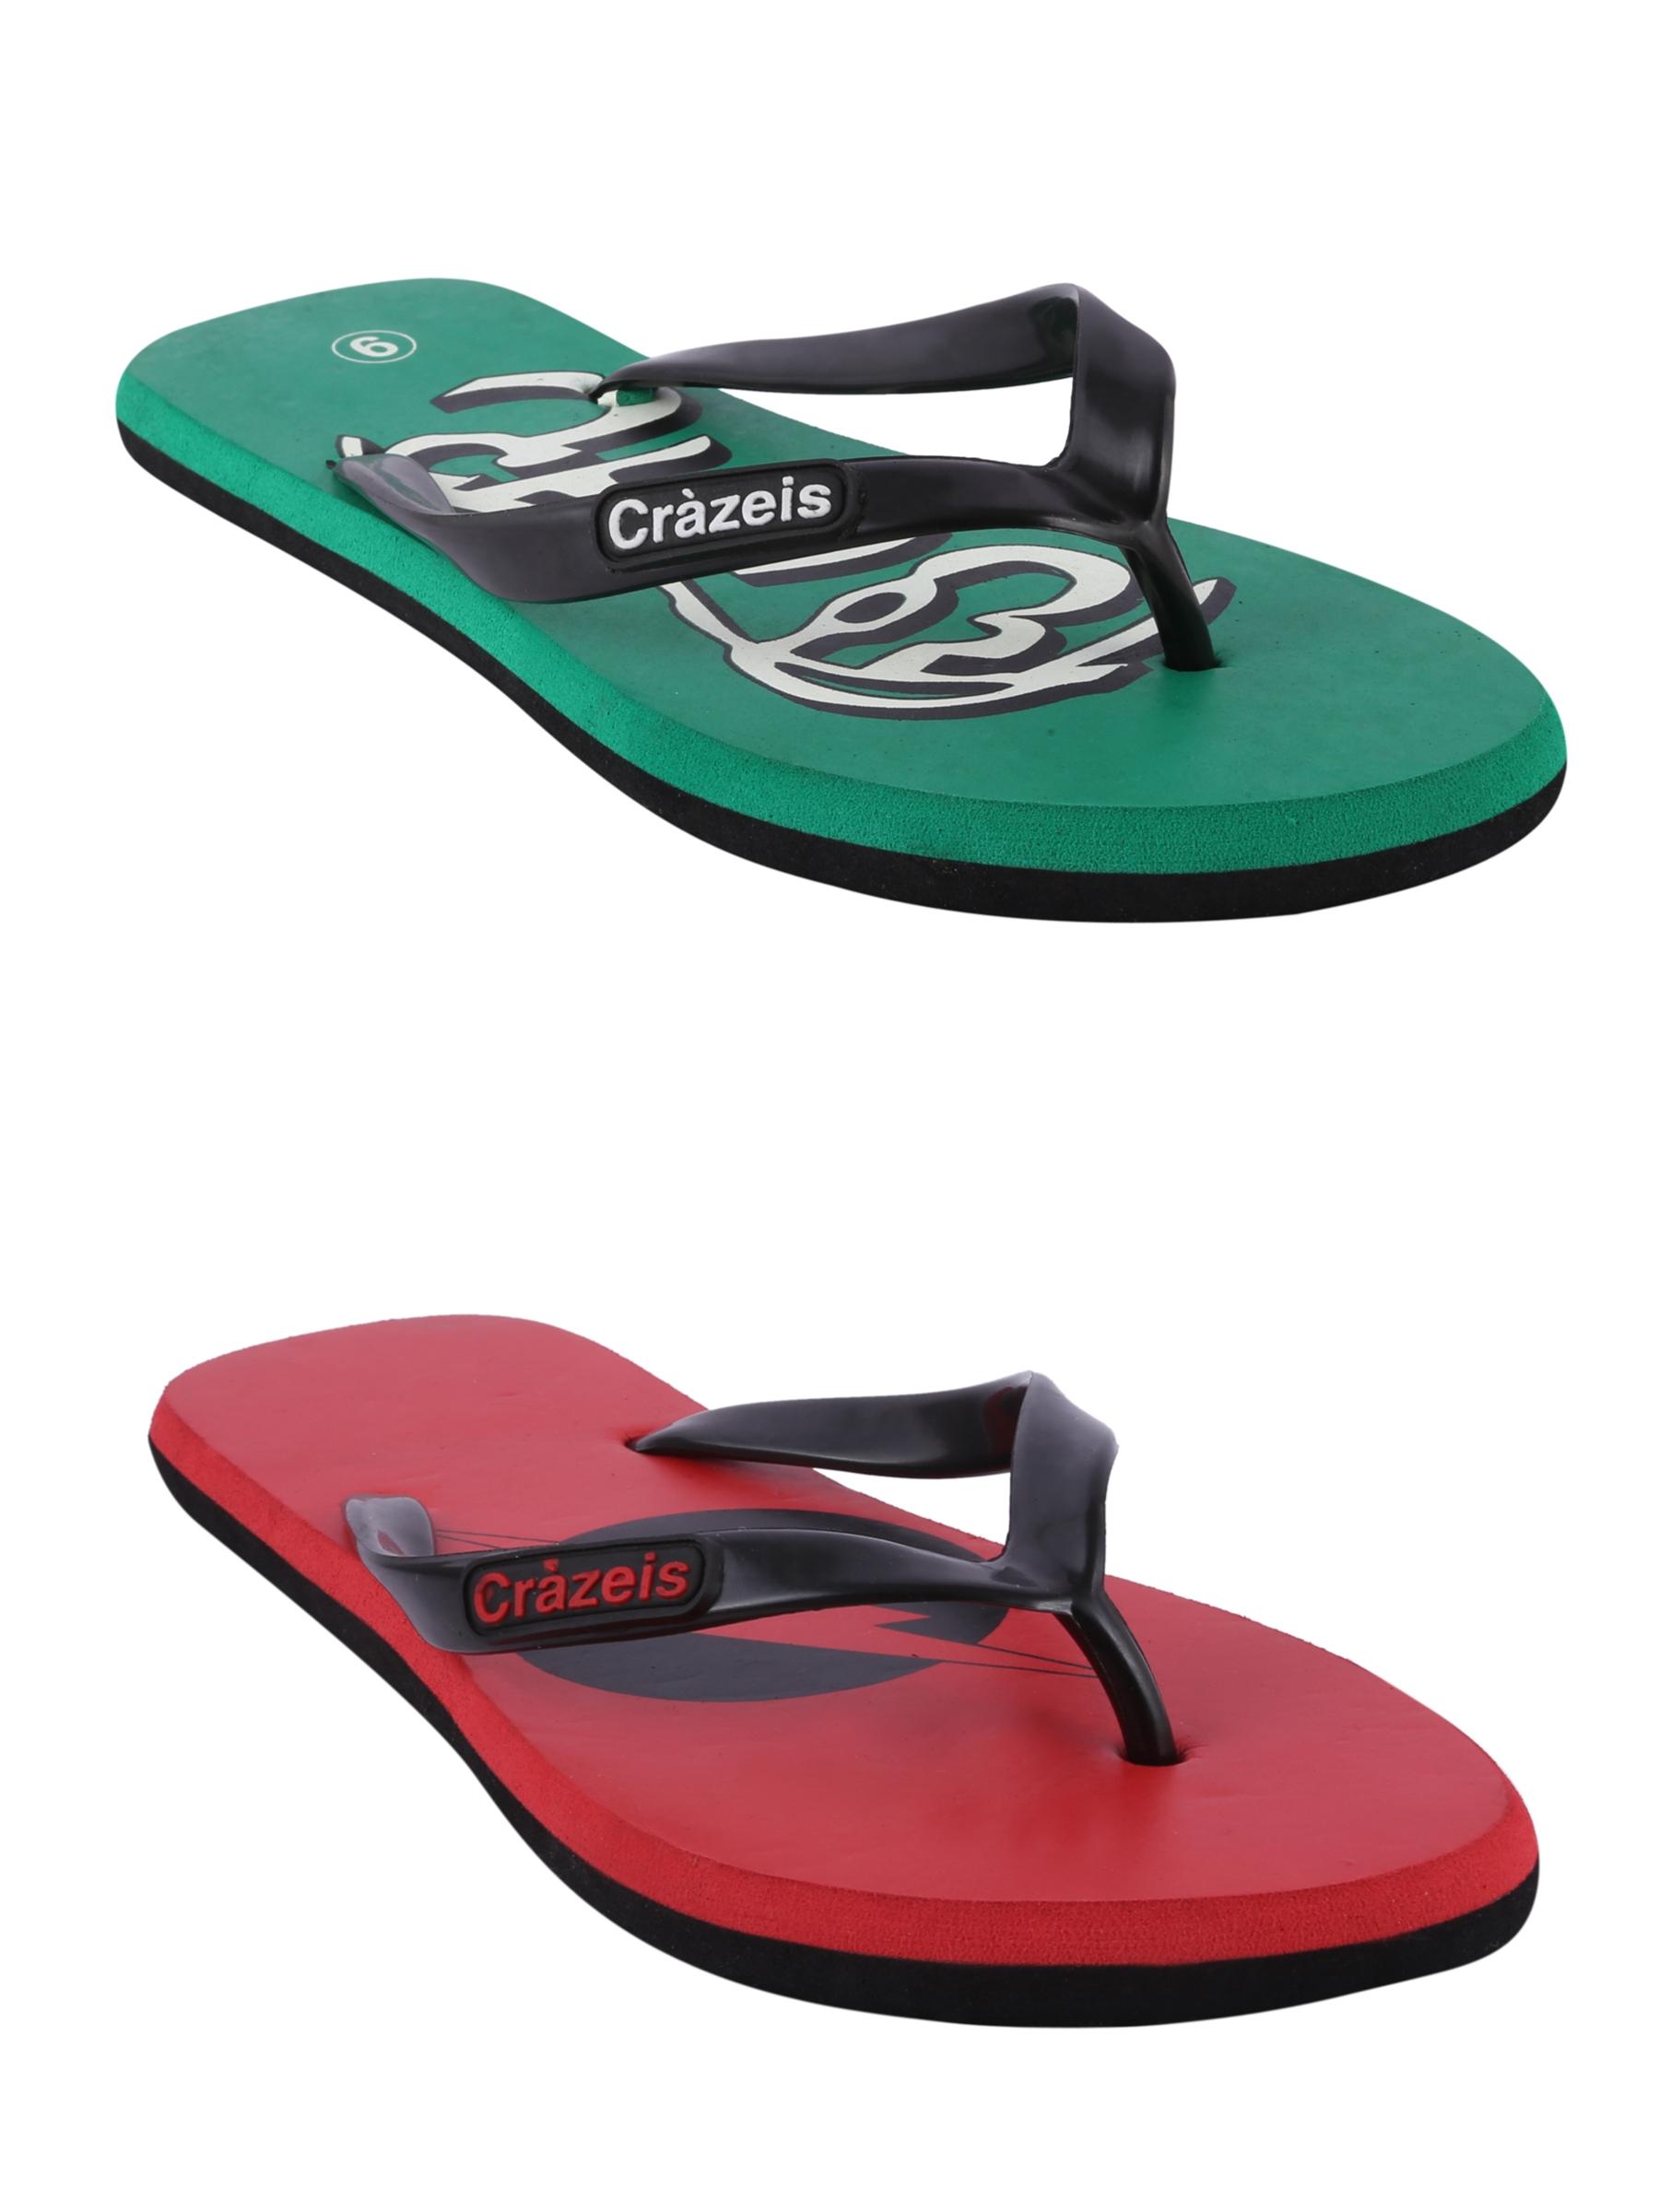 crazeis2 Crazeis Flip-flops Pack Of 2 For Men-020